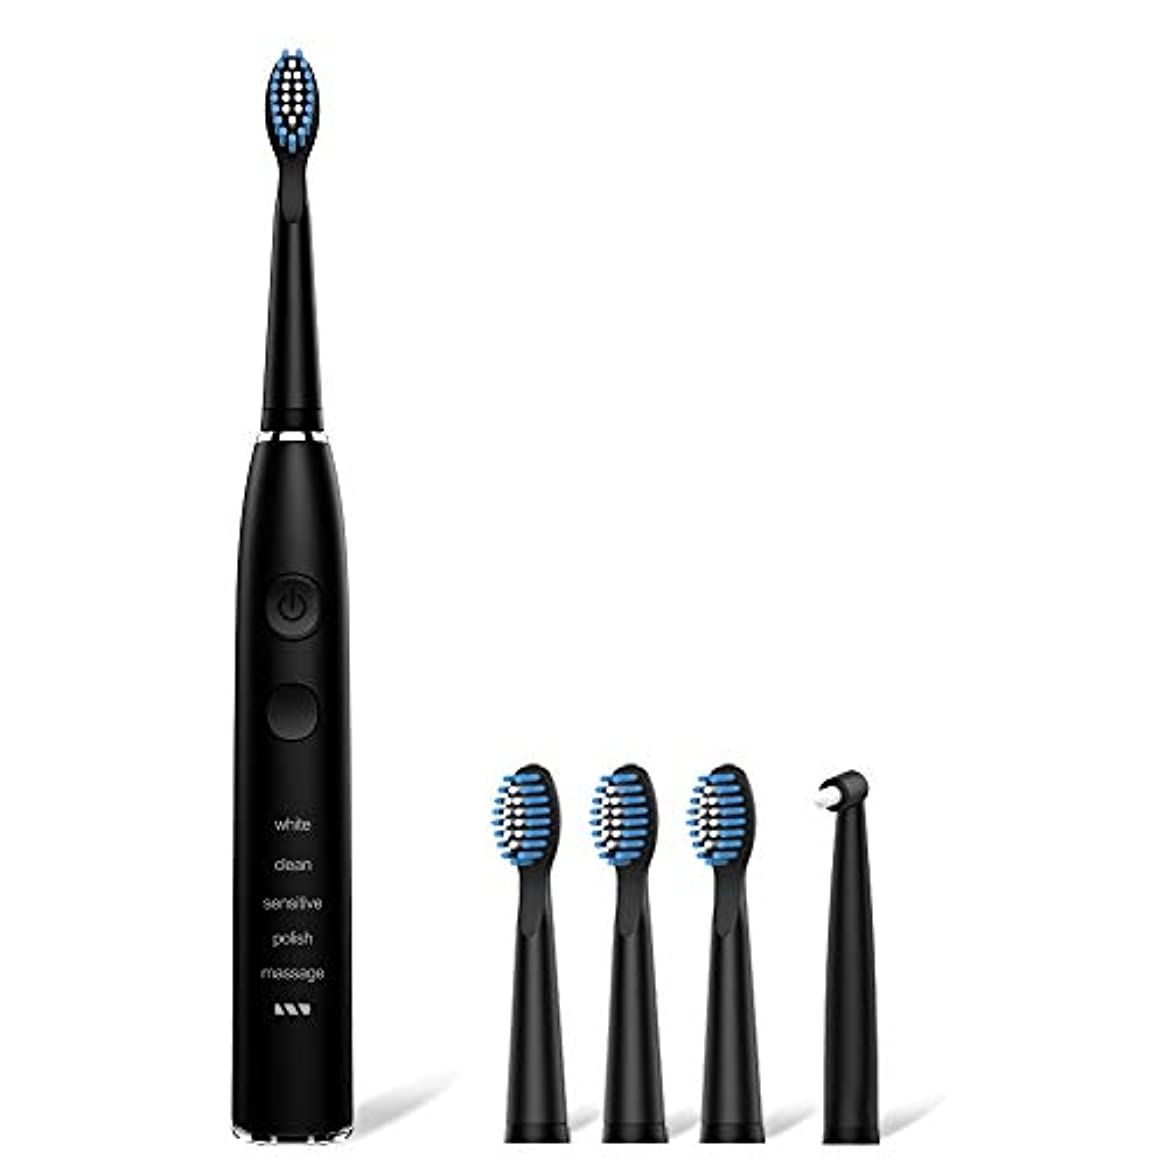 真似る腰病気だと思う電動歯ブラシ 歯ブラシ seago 音波歯ブラシ USB充電式8時間 365日に使用 IPX7防水 五つモードと2分オートタイマー機能搭載 替えブラシ5本 12ヶ月メーカー保証 SG-575 (黒)